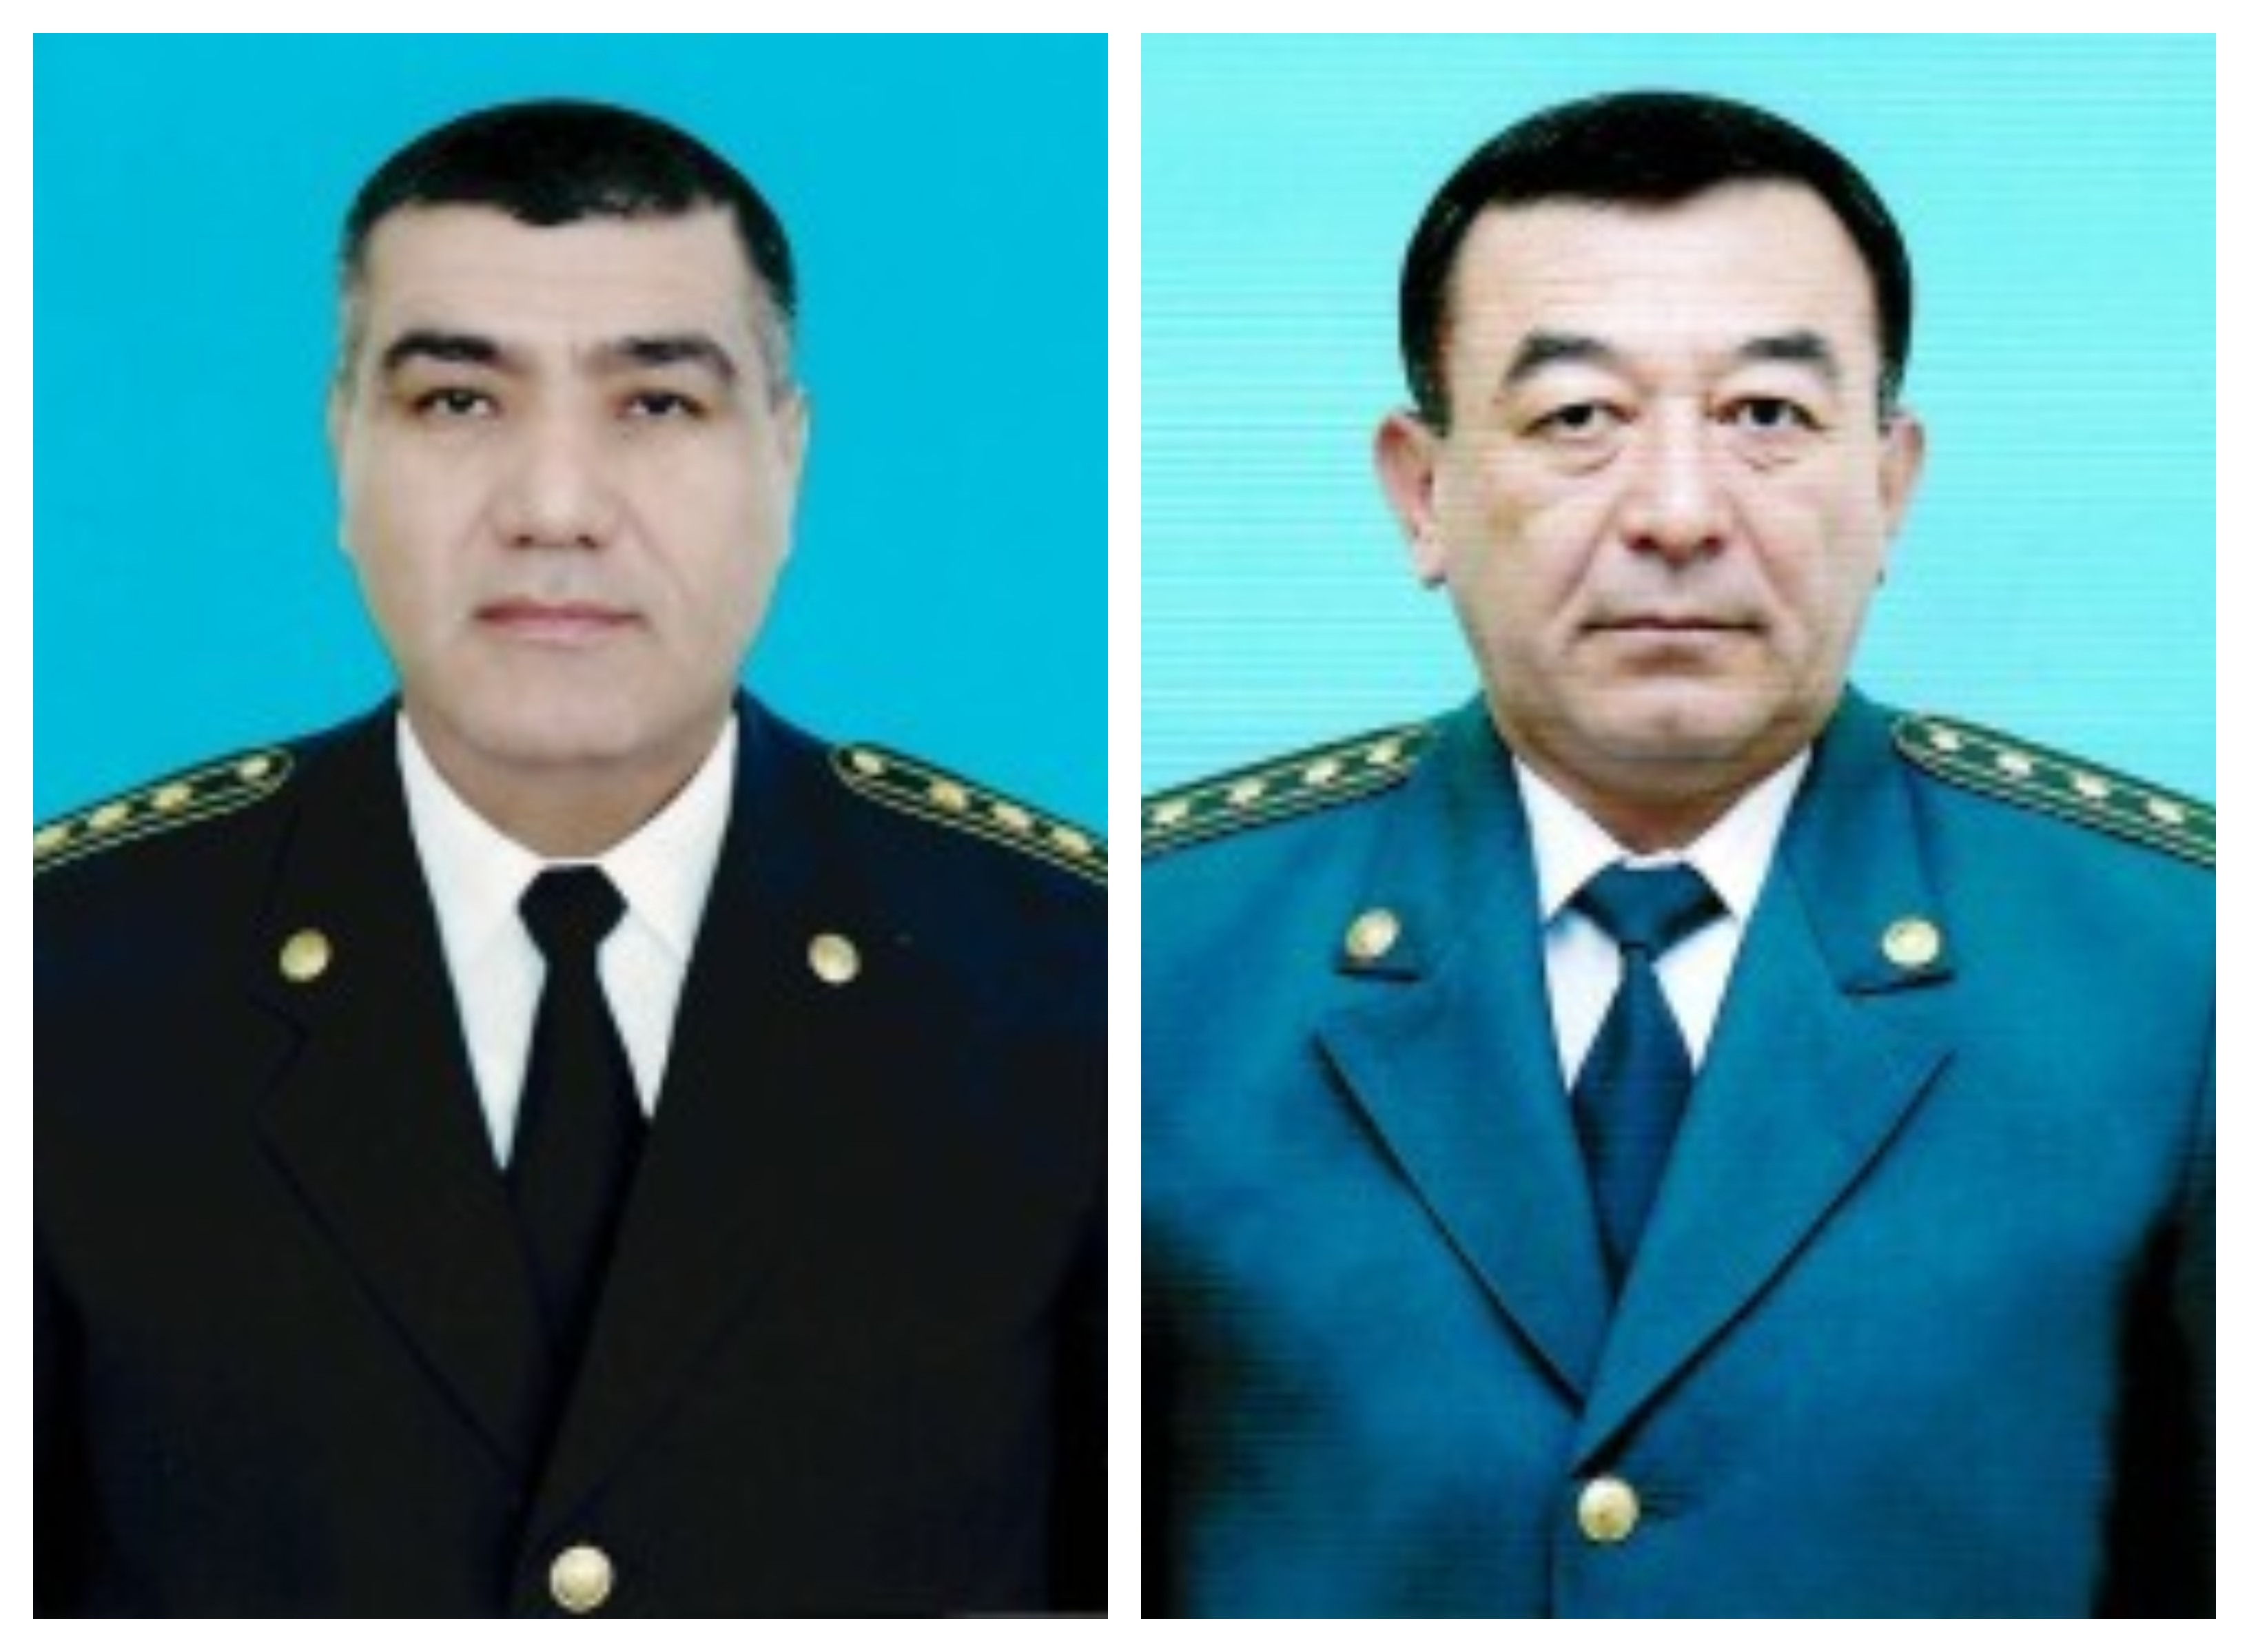 Шухрат Сотволдиев и Абдувохид Исмоилов